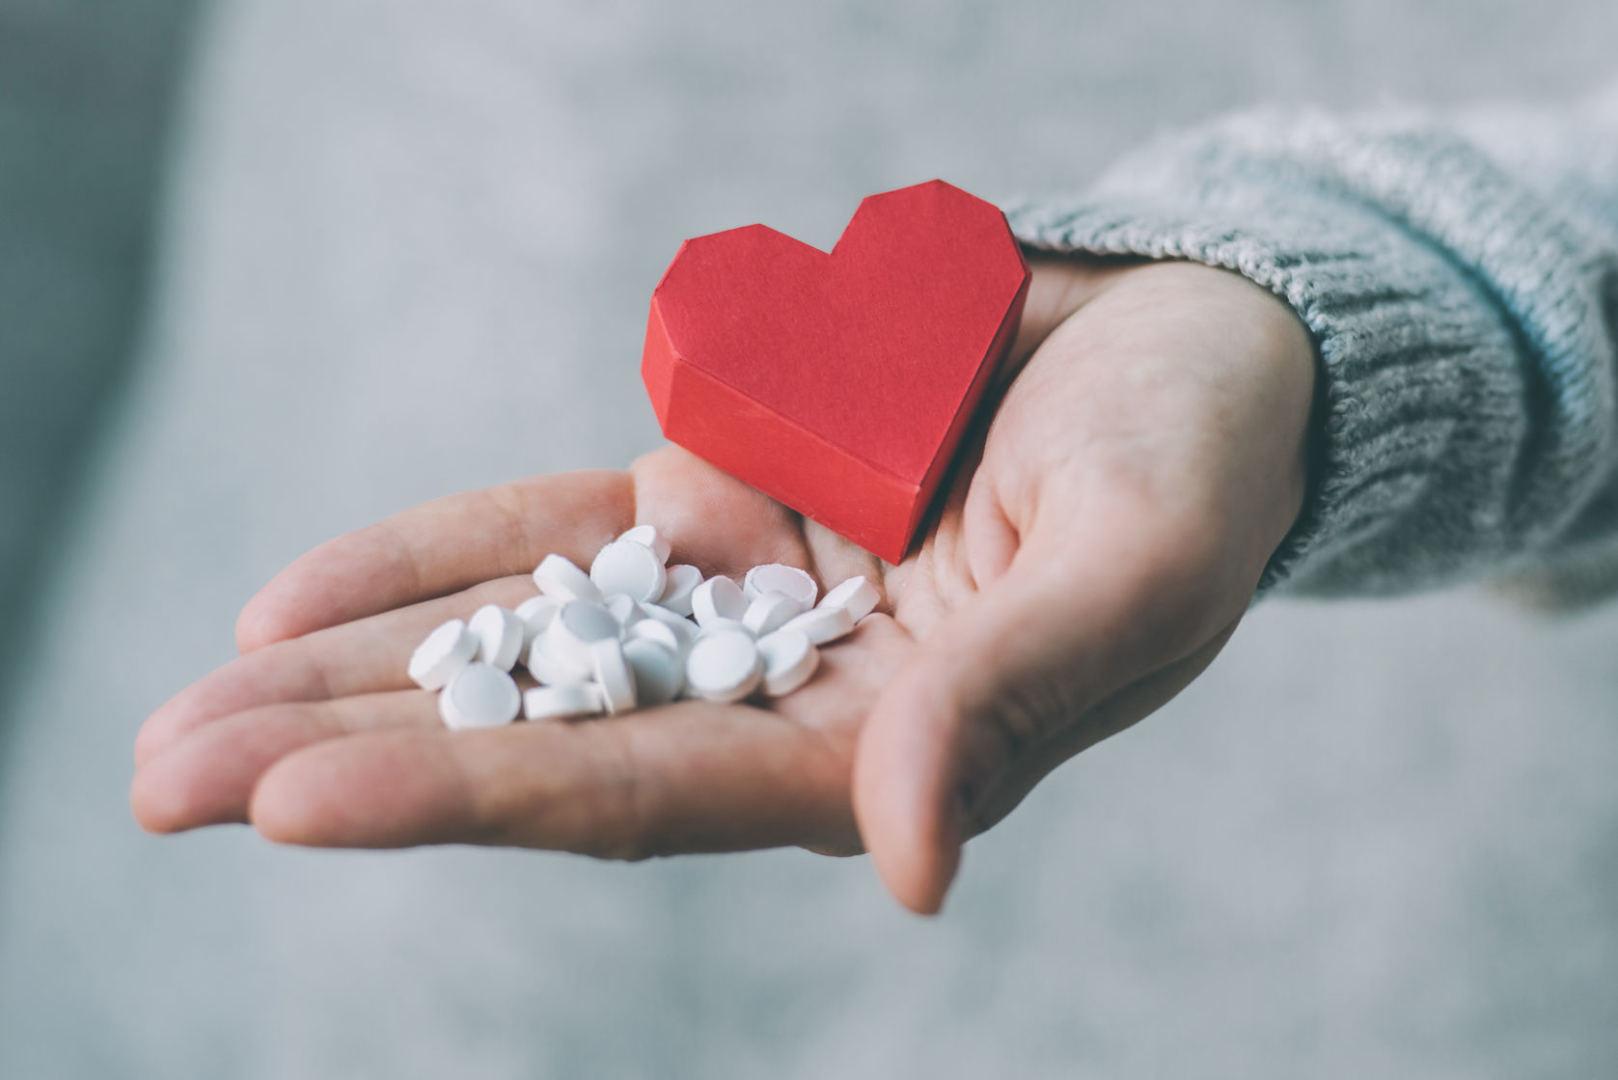 kokia veikla yra pavojinga širdies sveikatai mamos hipertenzija